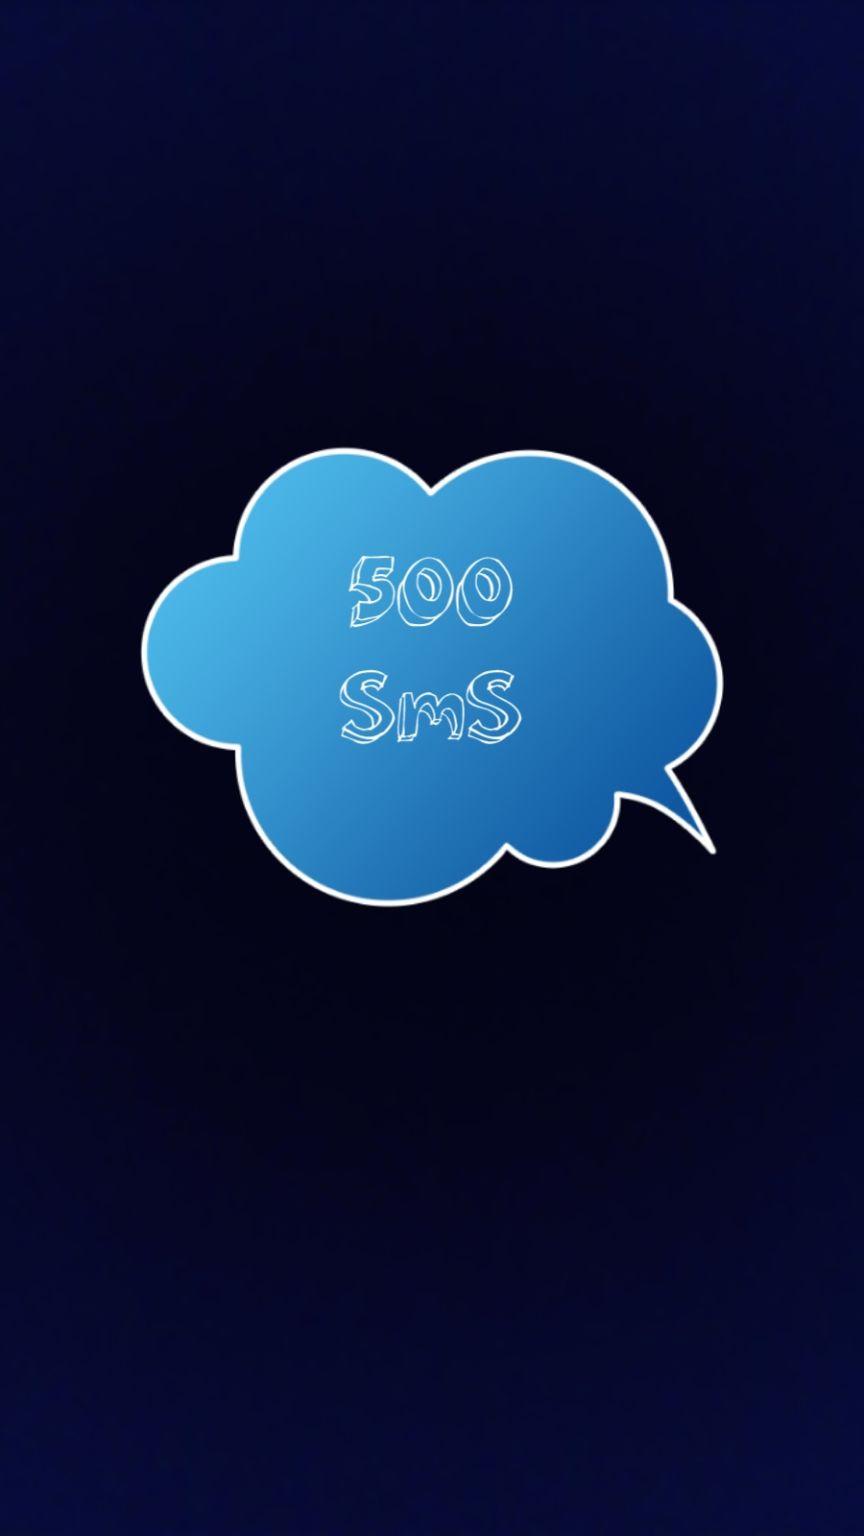 জিপিতে 500 sms 30 দিনের জন্য মাএ 11.95 পয়সা।